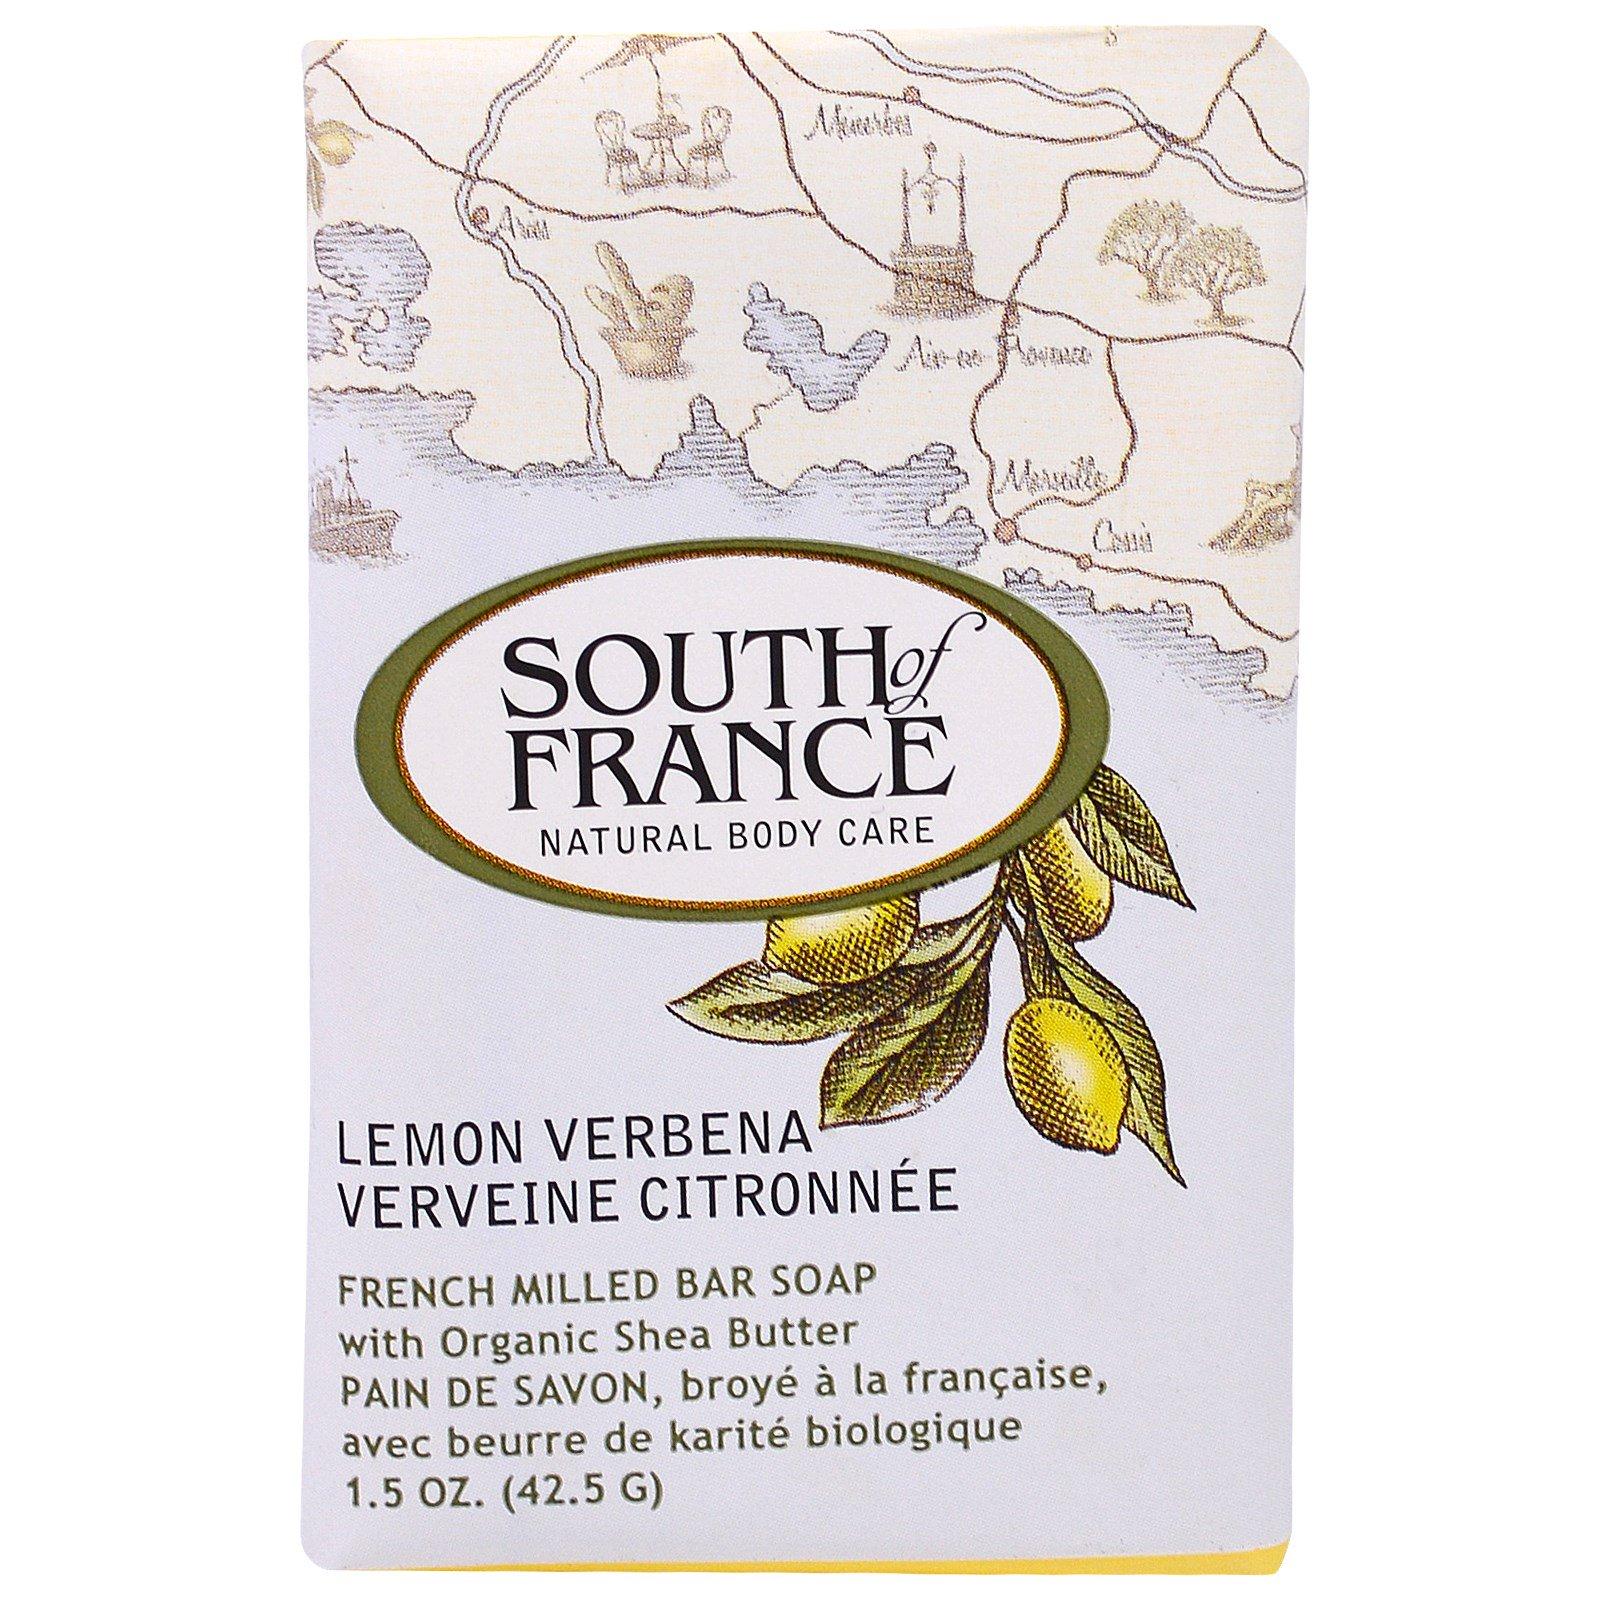 South of France, Lemon Verbena,французское пилированное мыло с вербеной лимонной и органическим маслом ши, 1,5 унции (42,5 г)